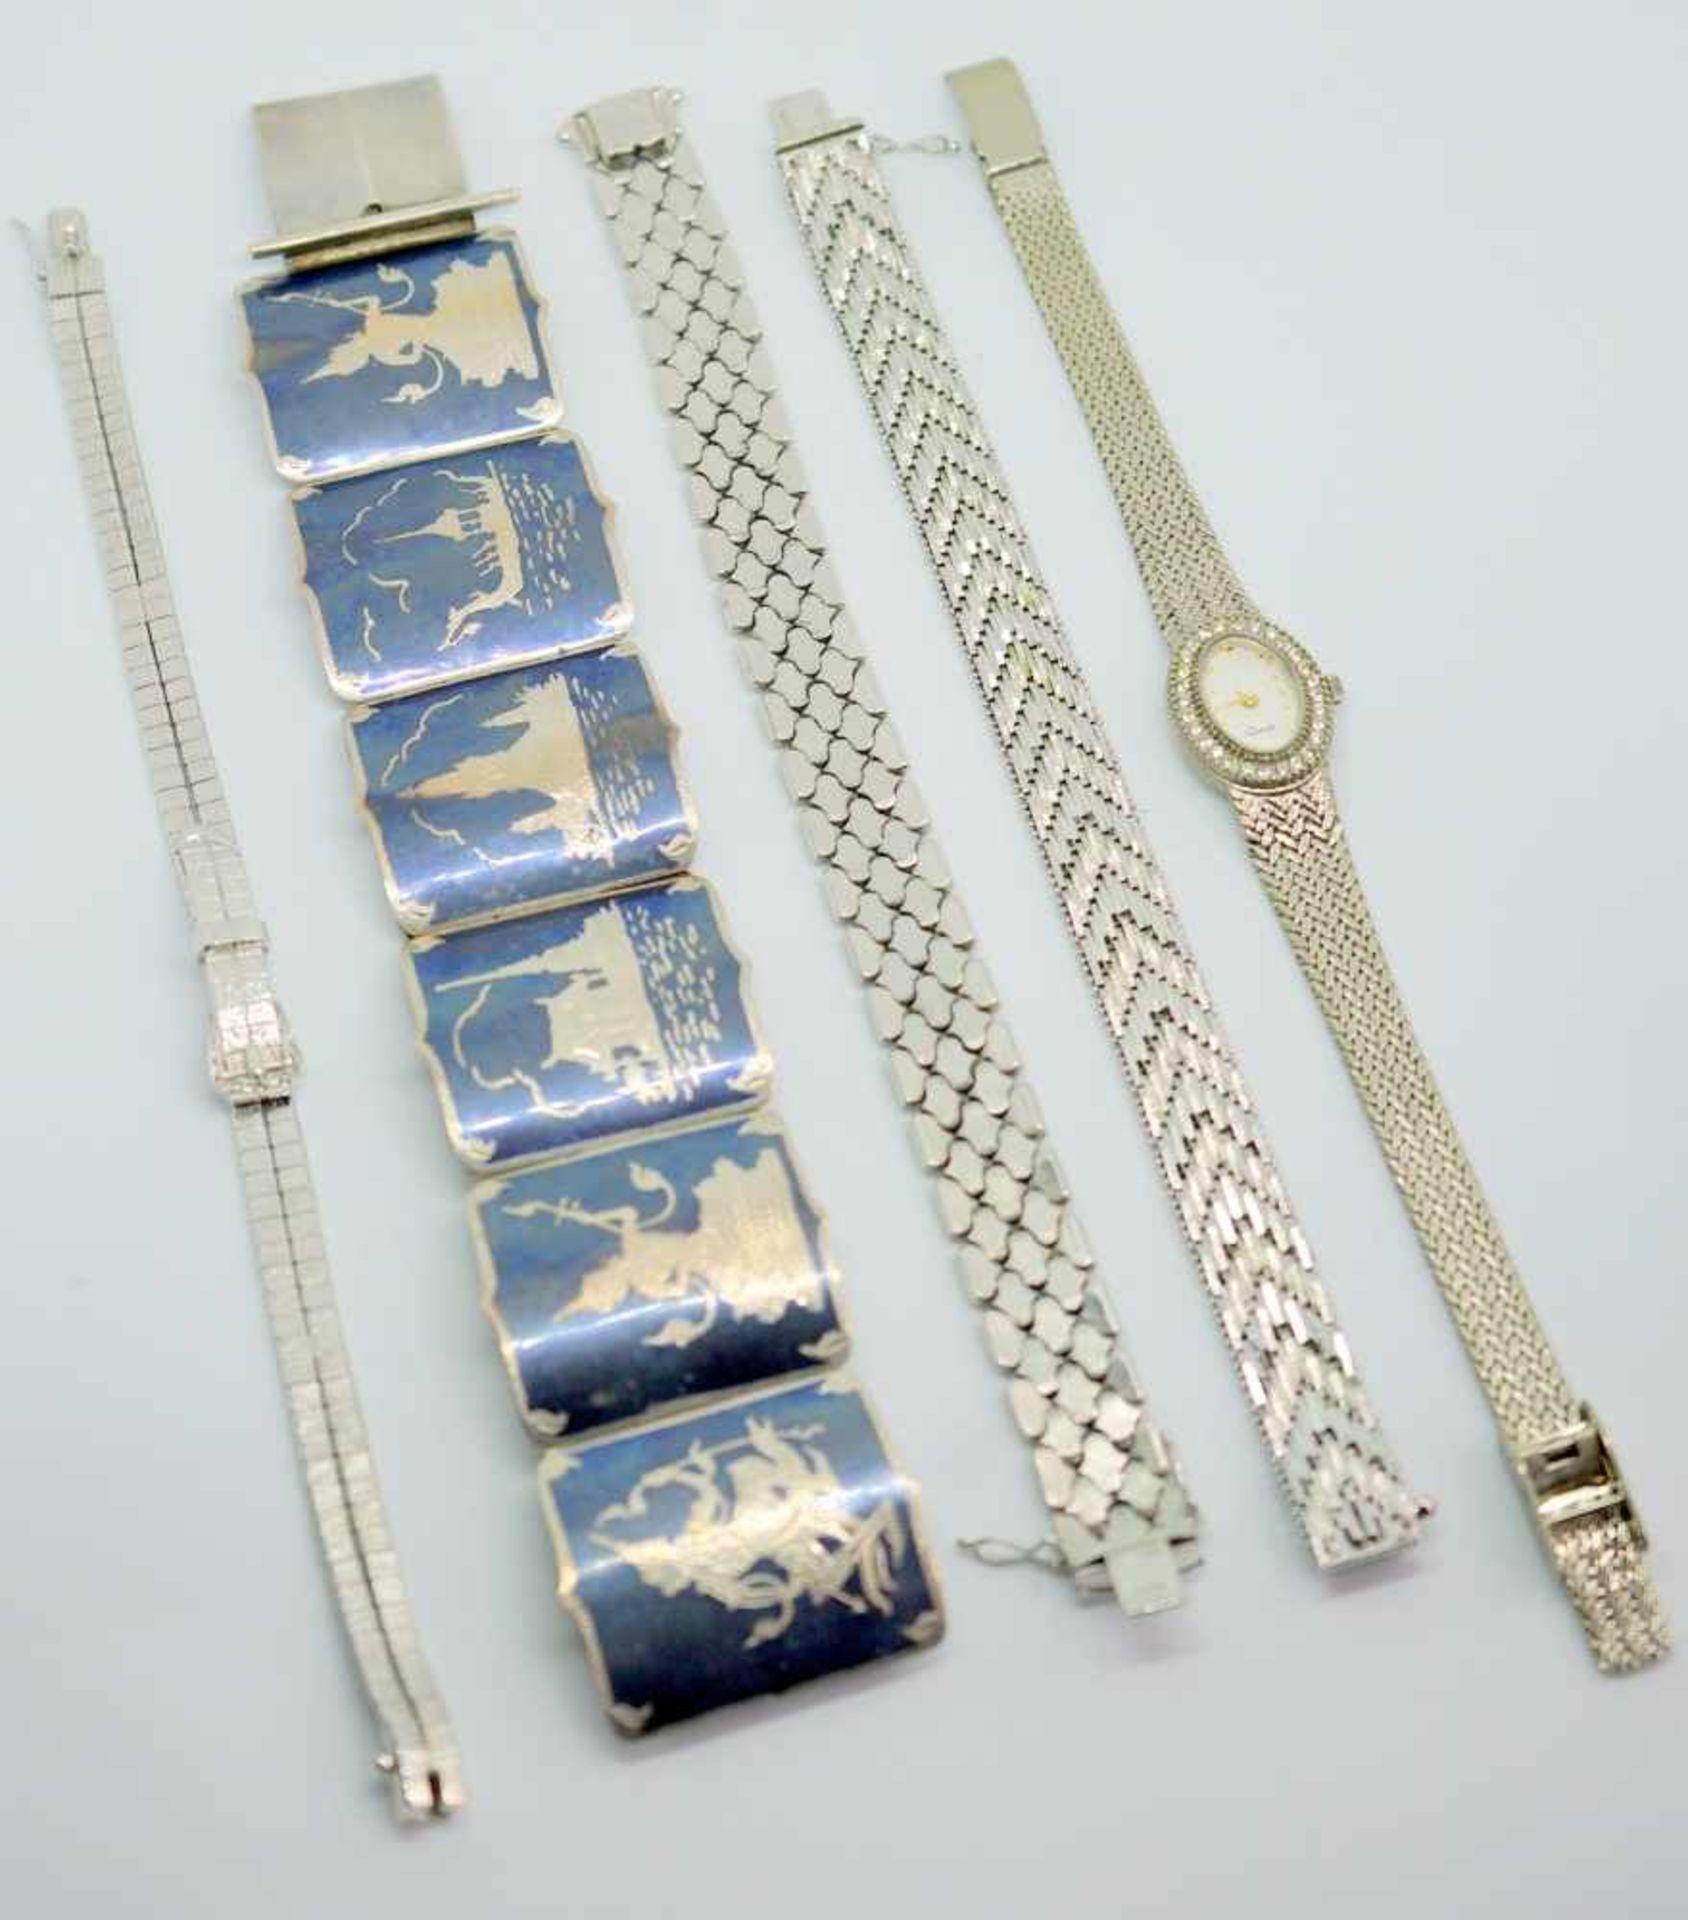 Konvolut SilberarmbänderSilber 800. Das Konvolut besteht aus 4 Armbändern in verschi